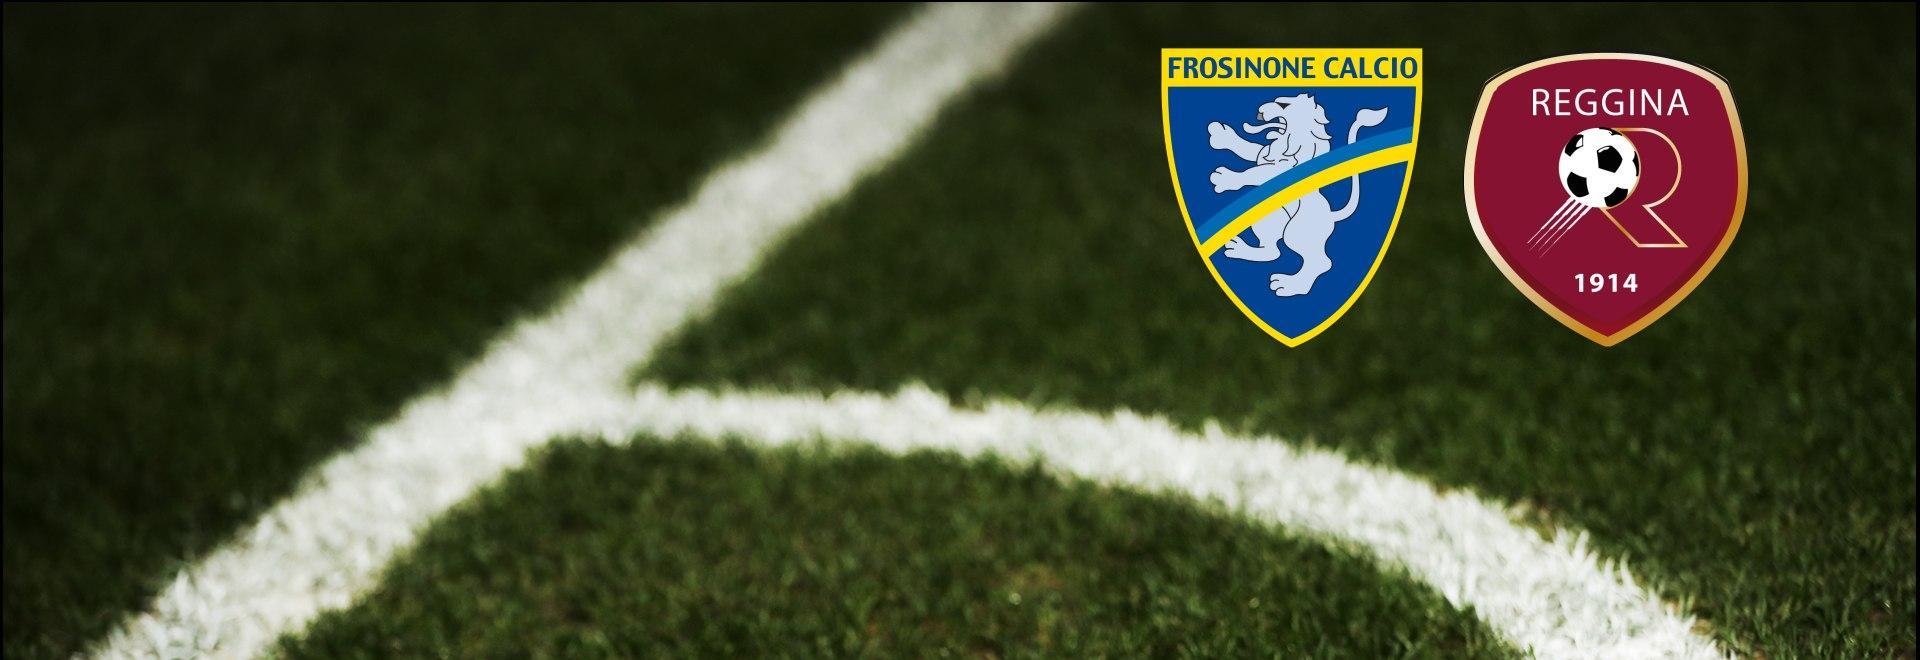 Frosinone - Reggina. 19a g.